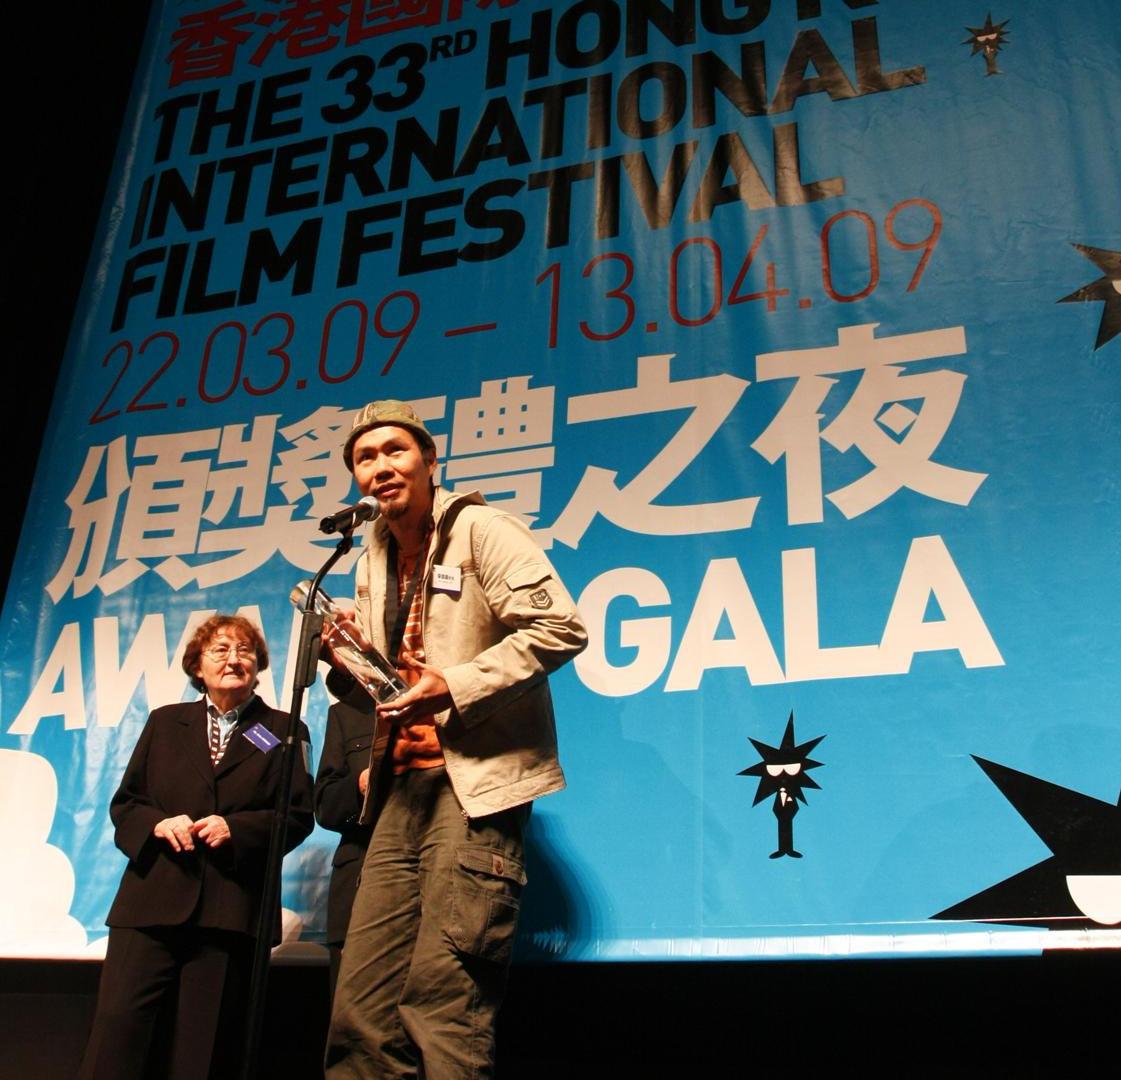 HKIFF 2009 Award Gala